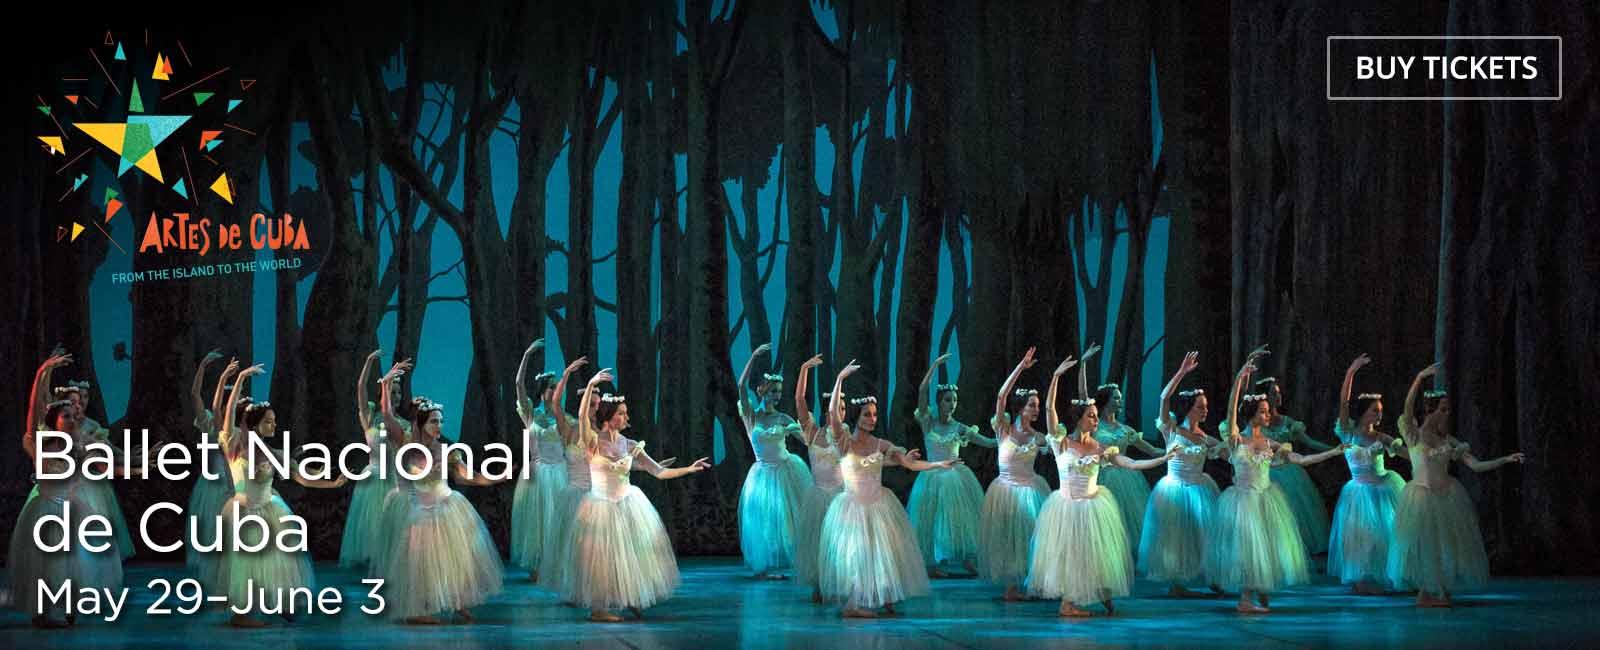 Ballet Nacional de Cuba